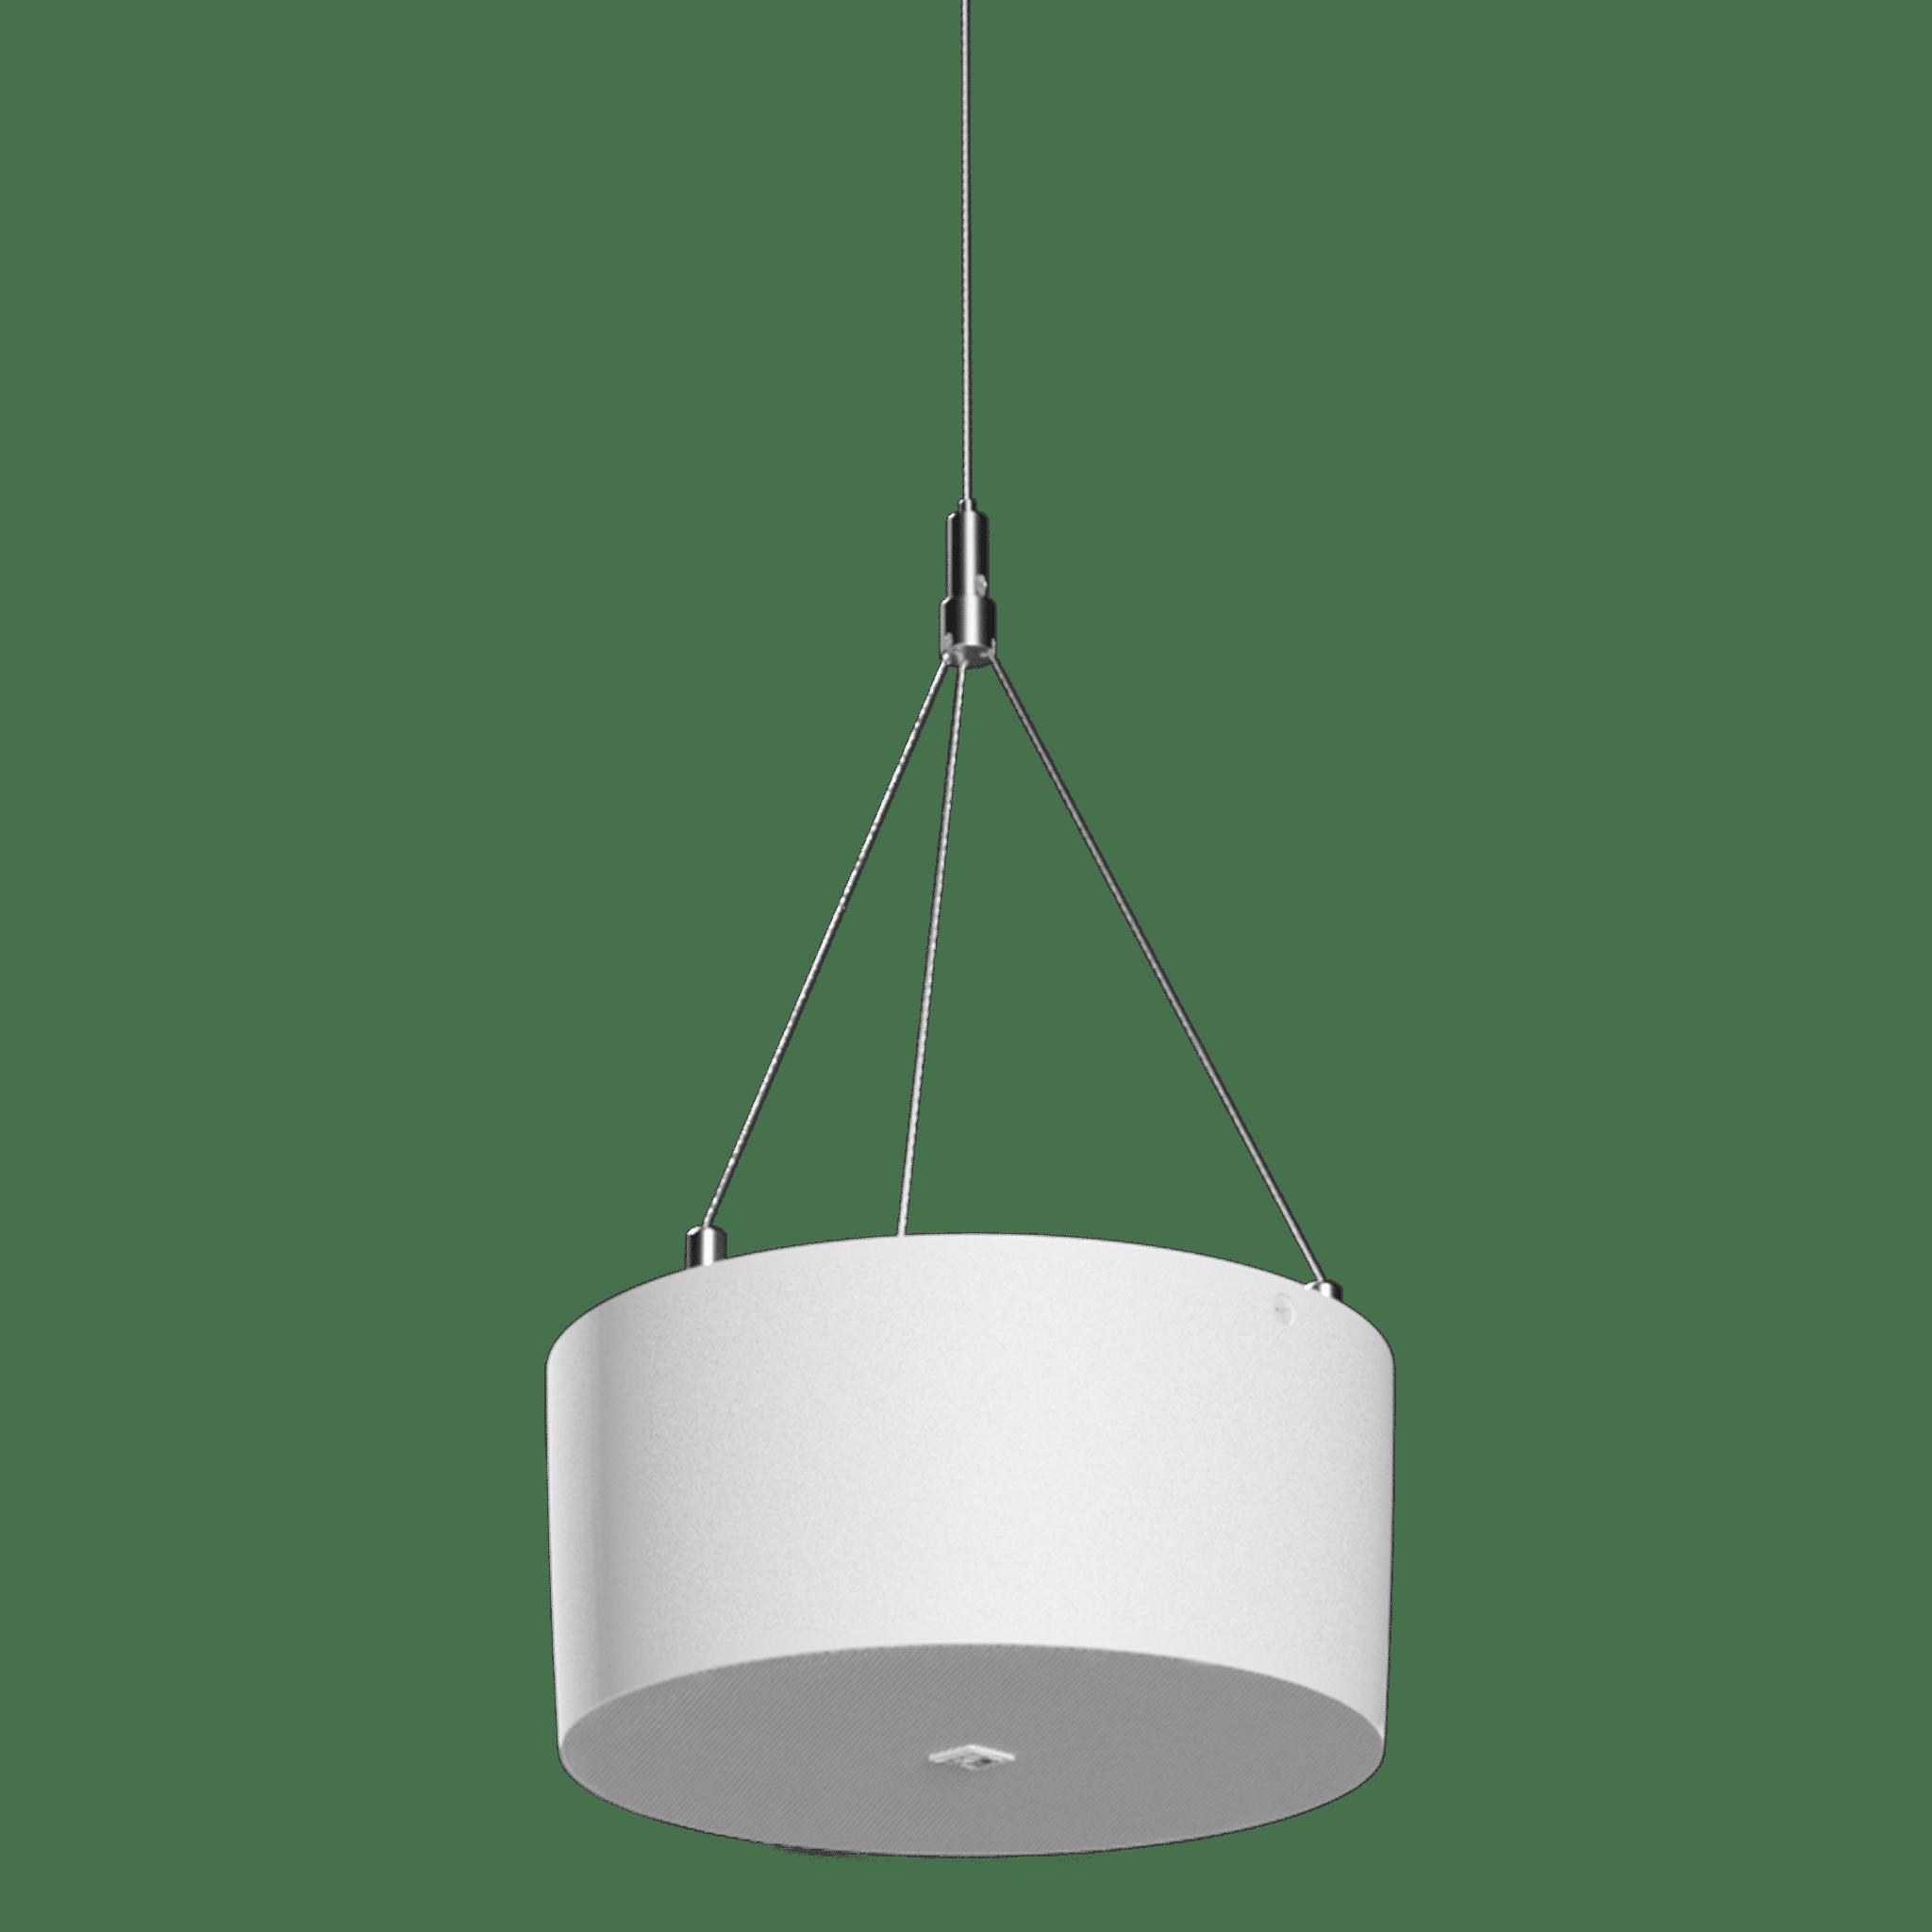 CSK100 - Pendant ceiling suspension kit for NELO series